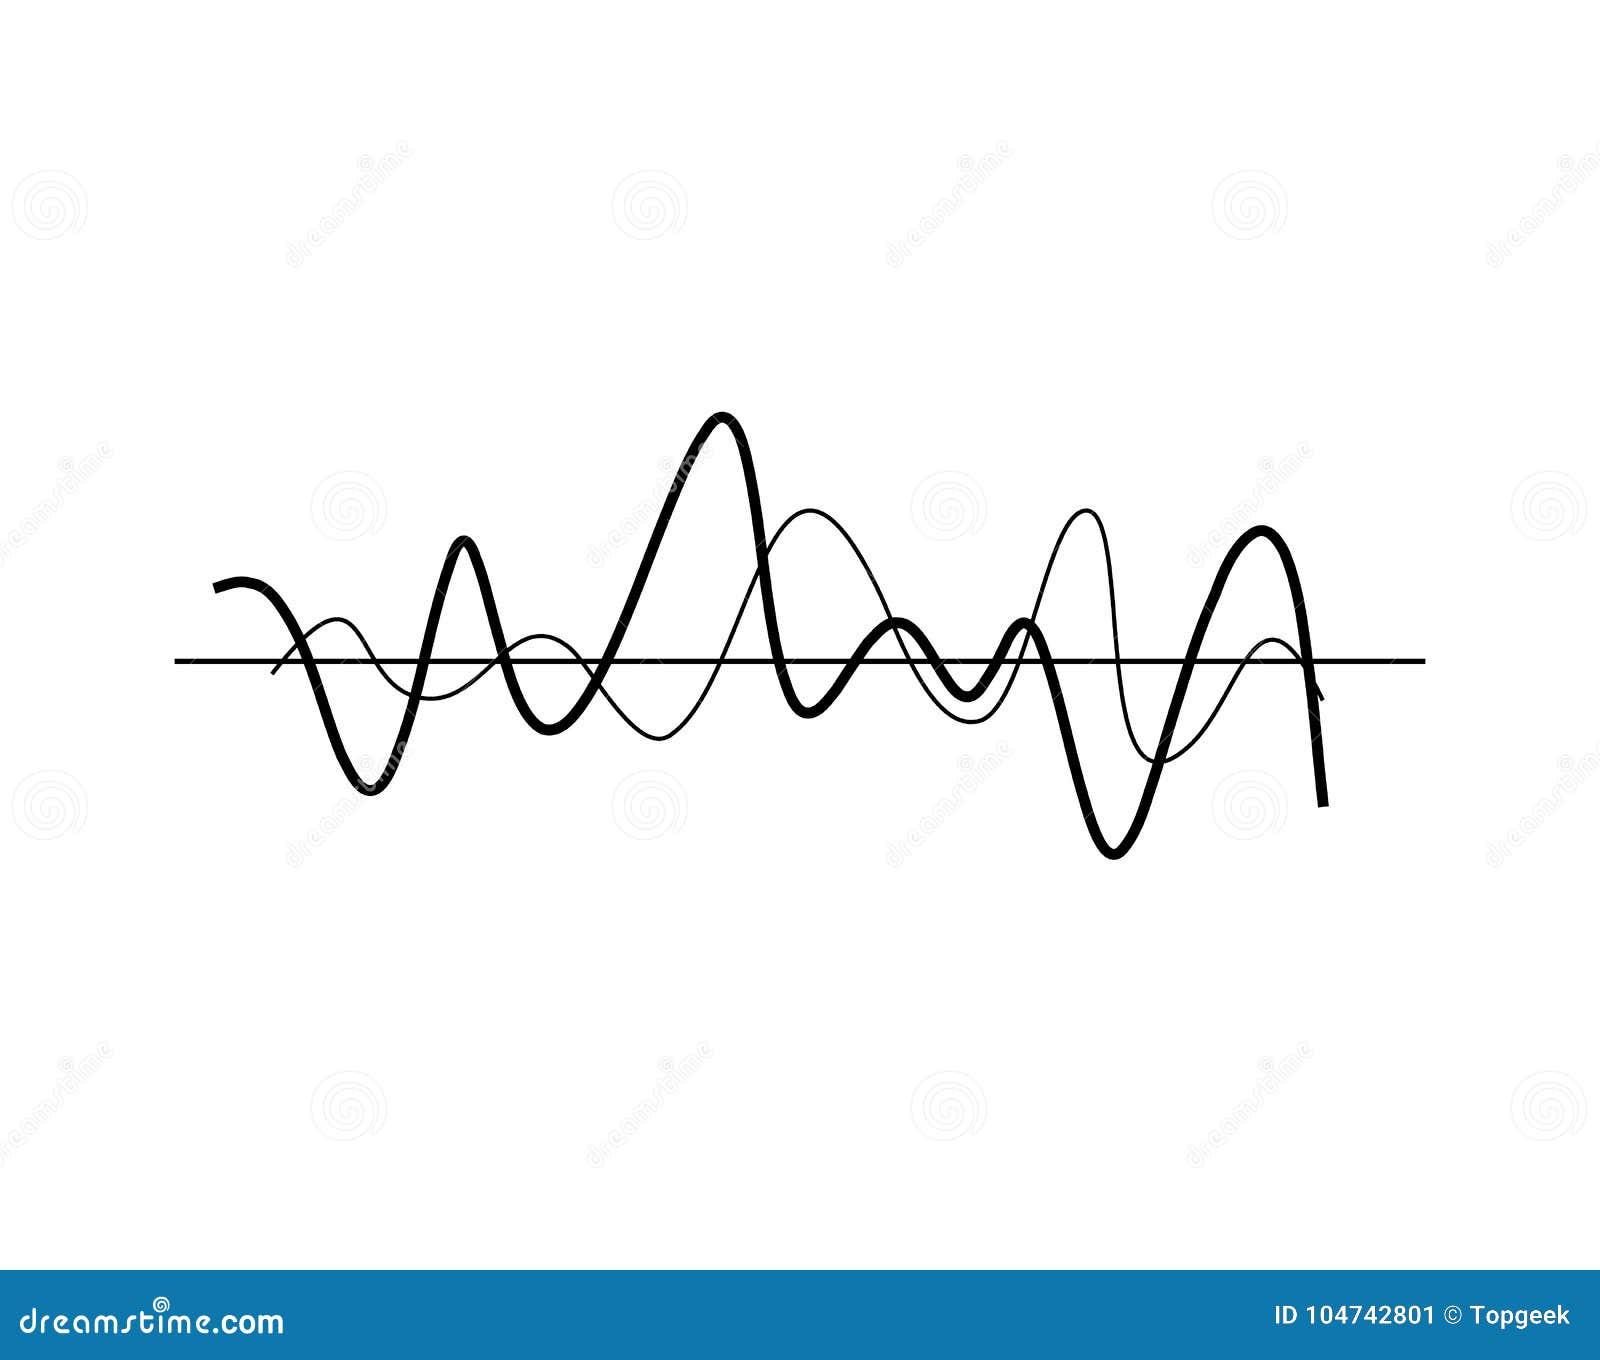 Linhas onduladas caóticas ilustração do vetor do ícone